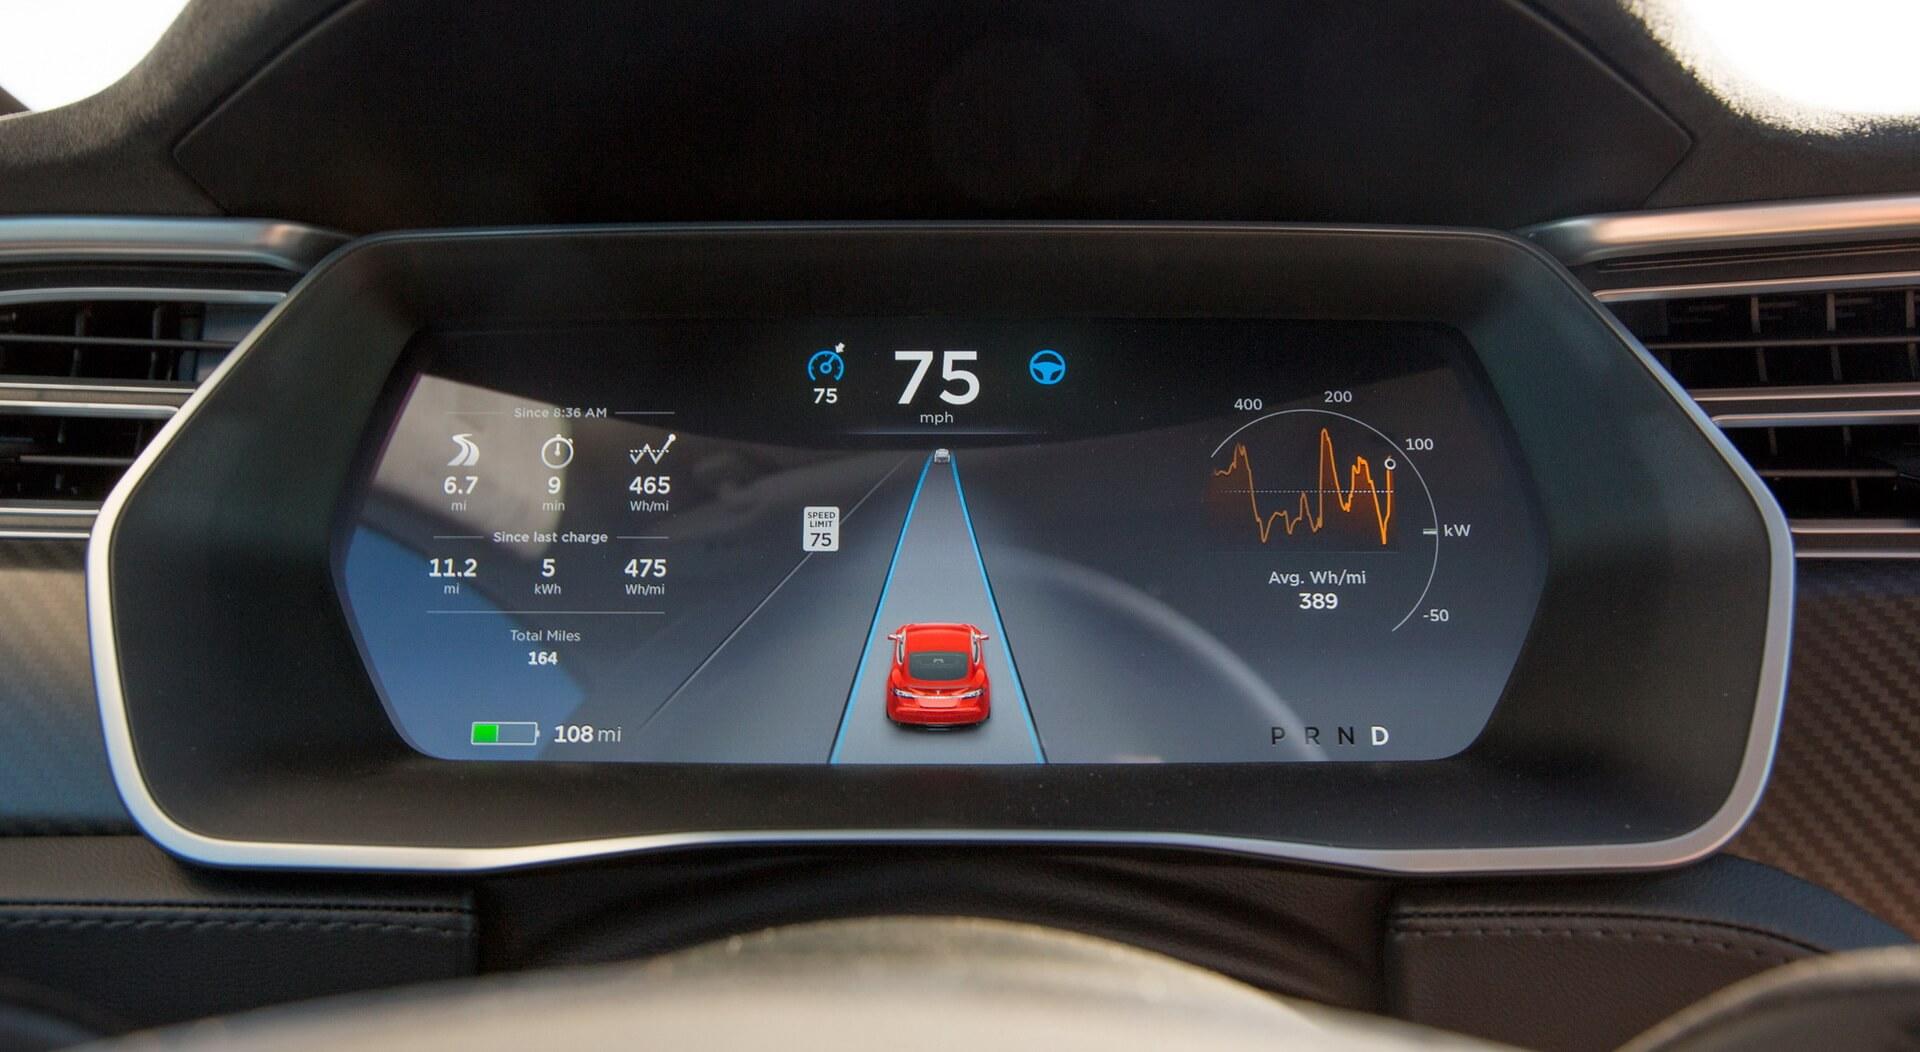 Приборная панель и пользовательский интерфейс автопилота Tesla Model S